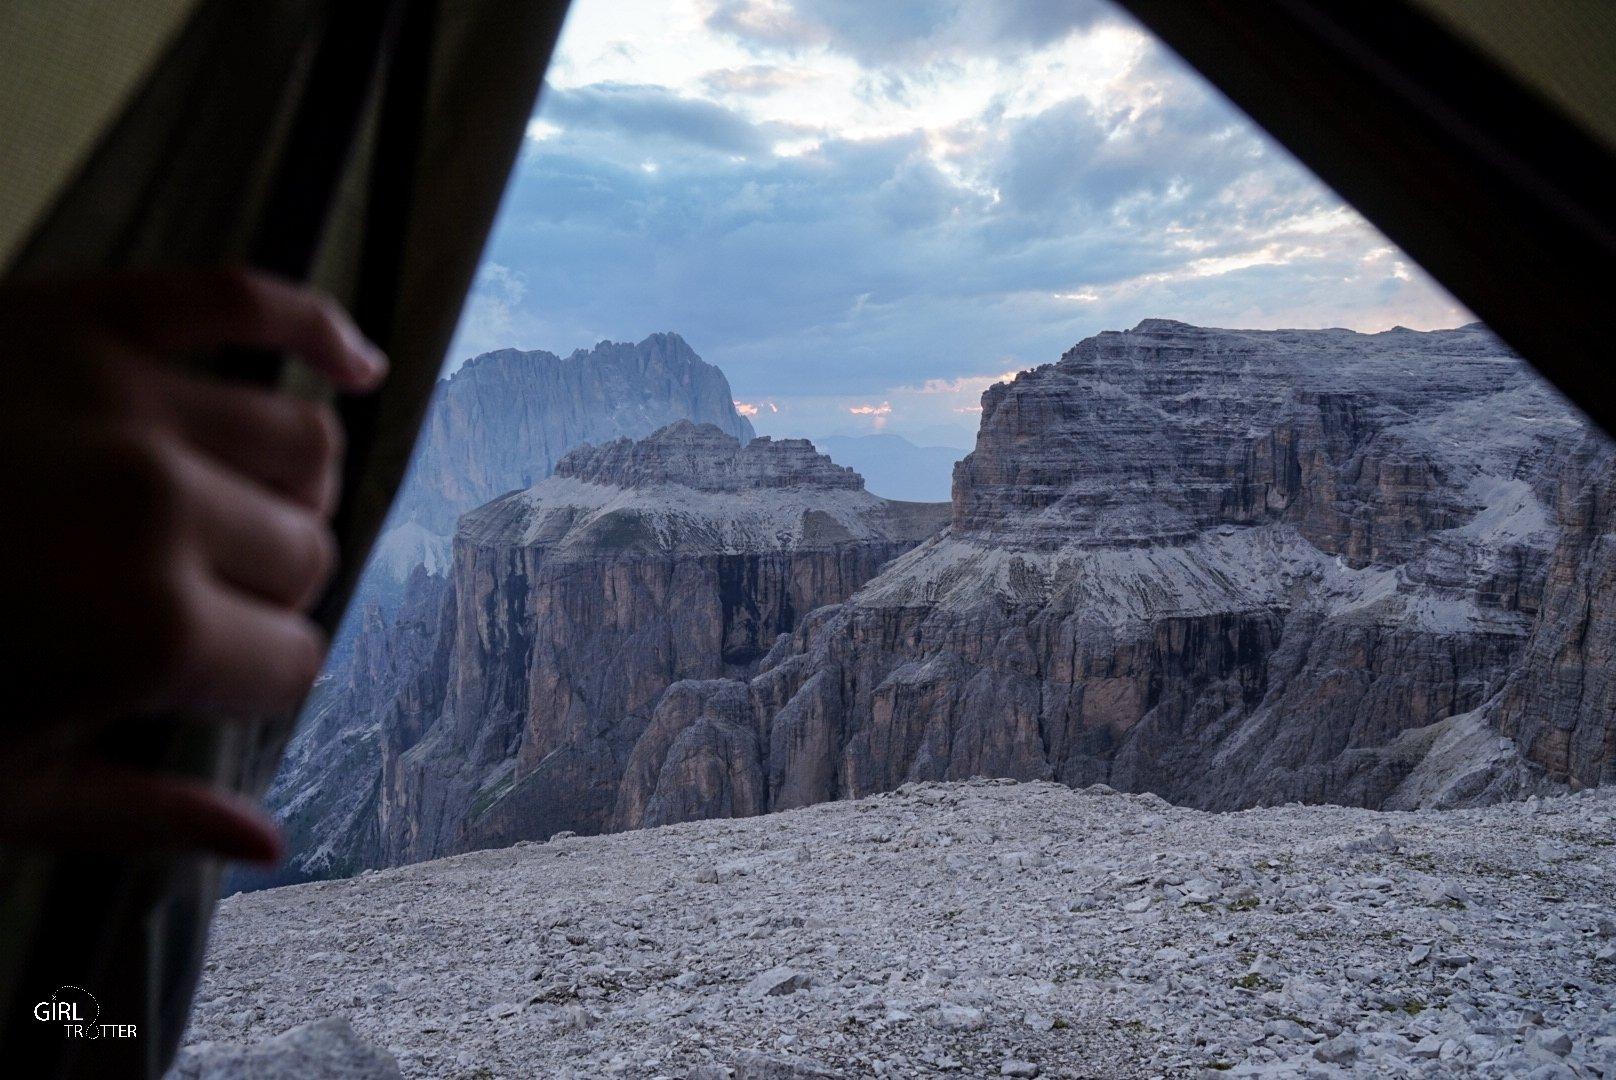 Logement dans les Dolomites - Bivouac en tente